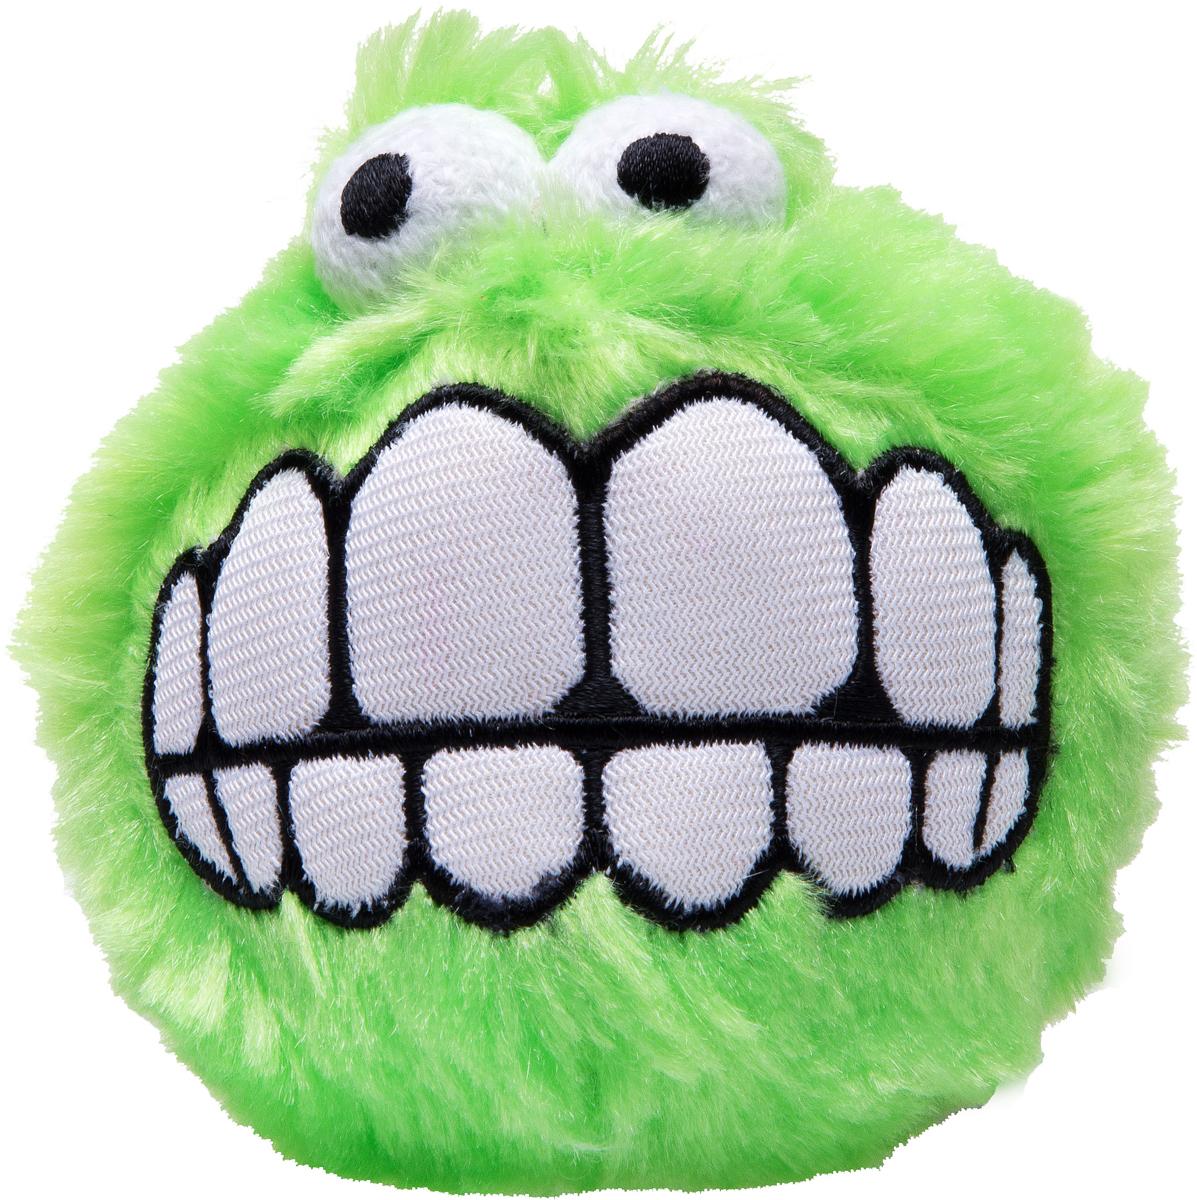 Игрушка для собак Rogz Fluffy Grinz. Зубы, цвет: лайм, диаметр 7,8 см игрушка для собак rogz yumz косточка с отверстием для лакомства цвет лайм длина 11 5 см